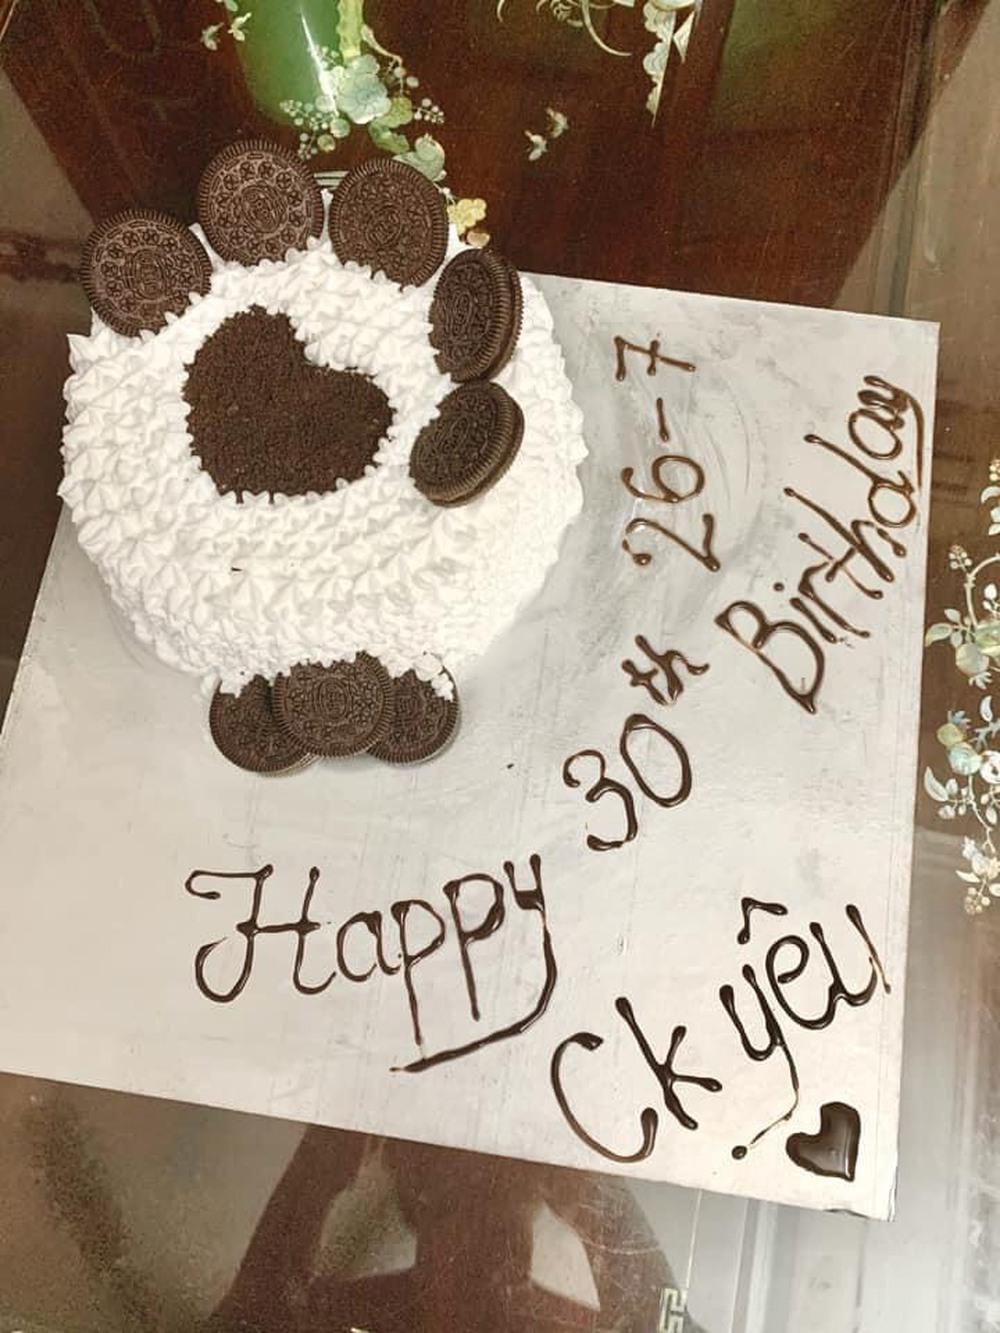 Con gái khóc thét khi nhìn thấy bánh sinh nhật mùa Covid mẹ và chị làm tặng, bố đảm đang ra tay trợ giúp  - Ảnh 6.